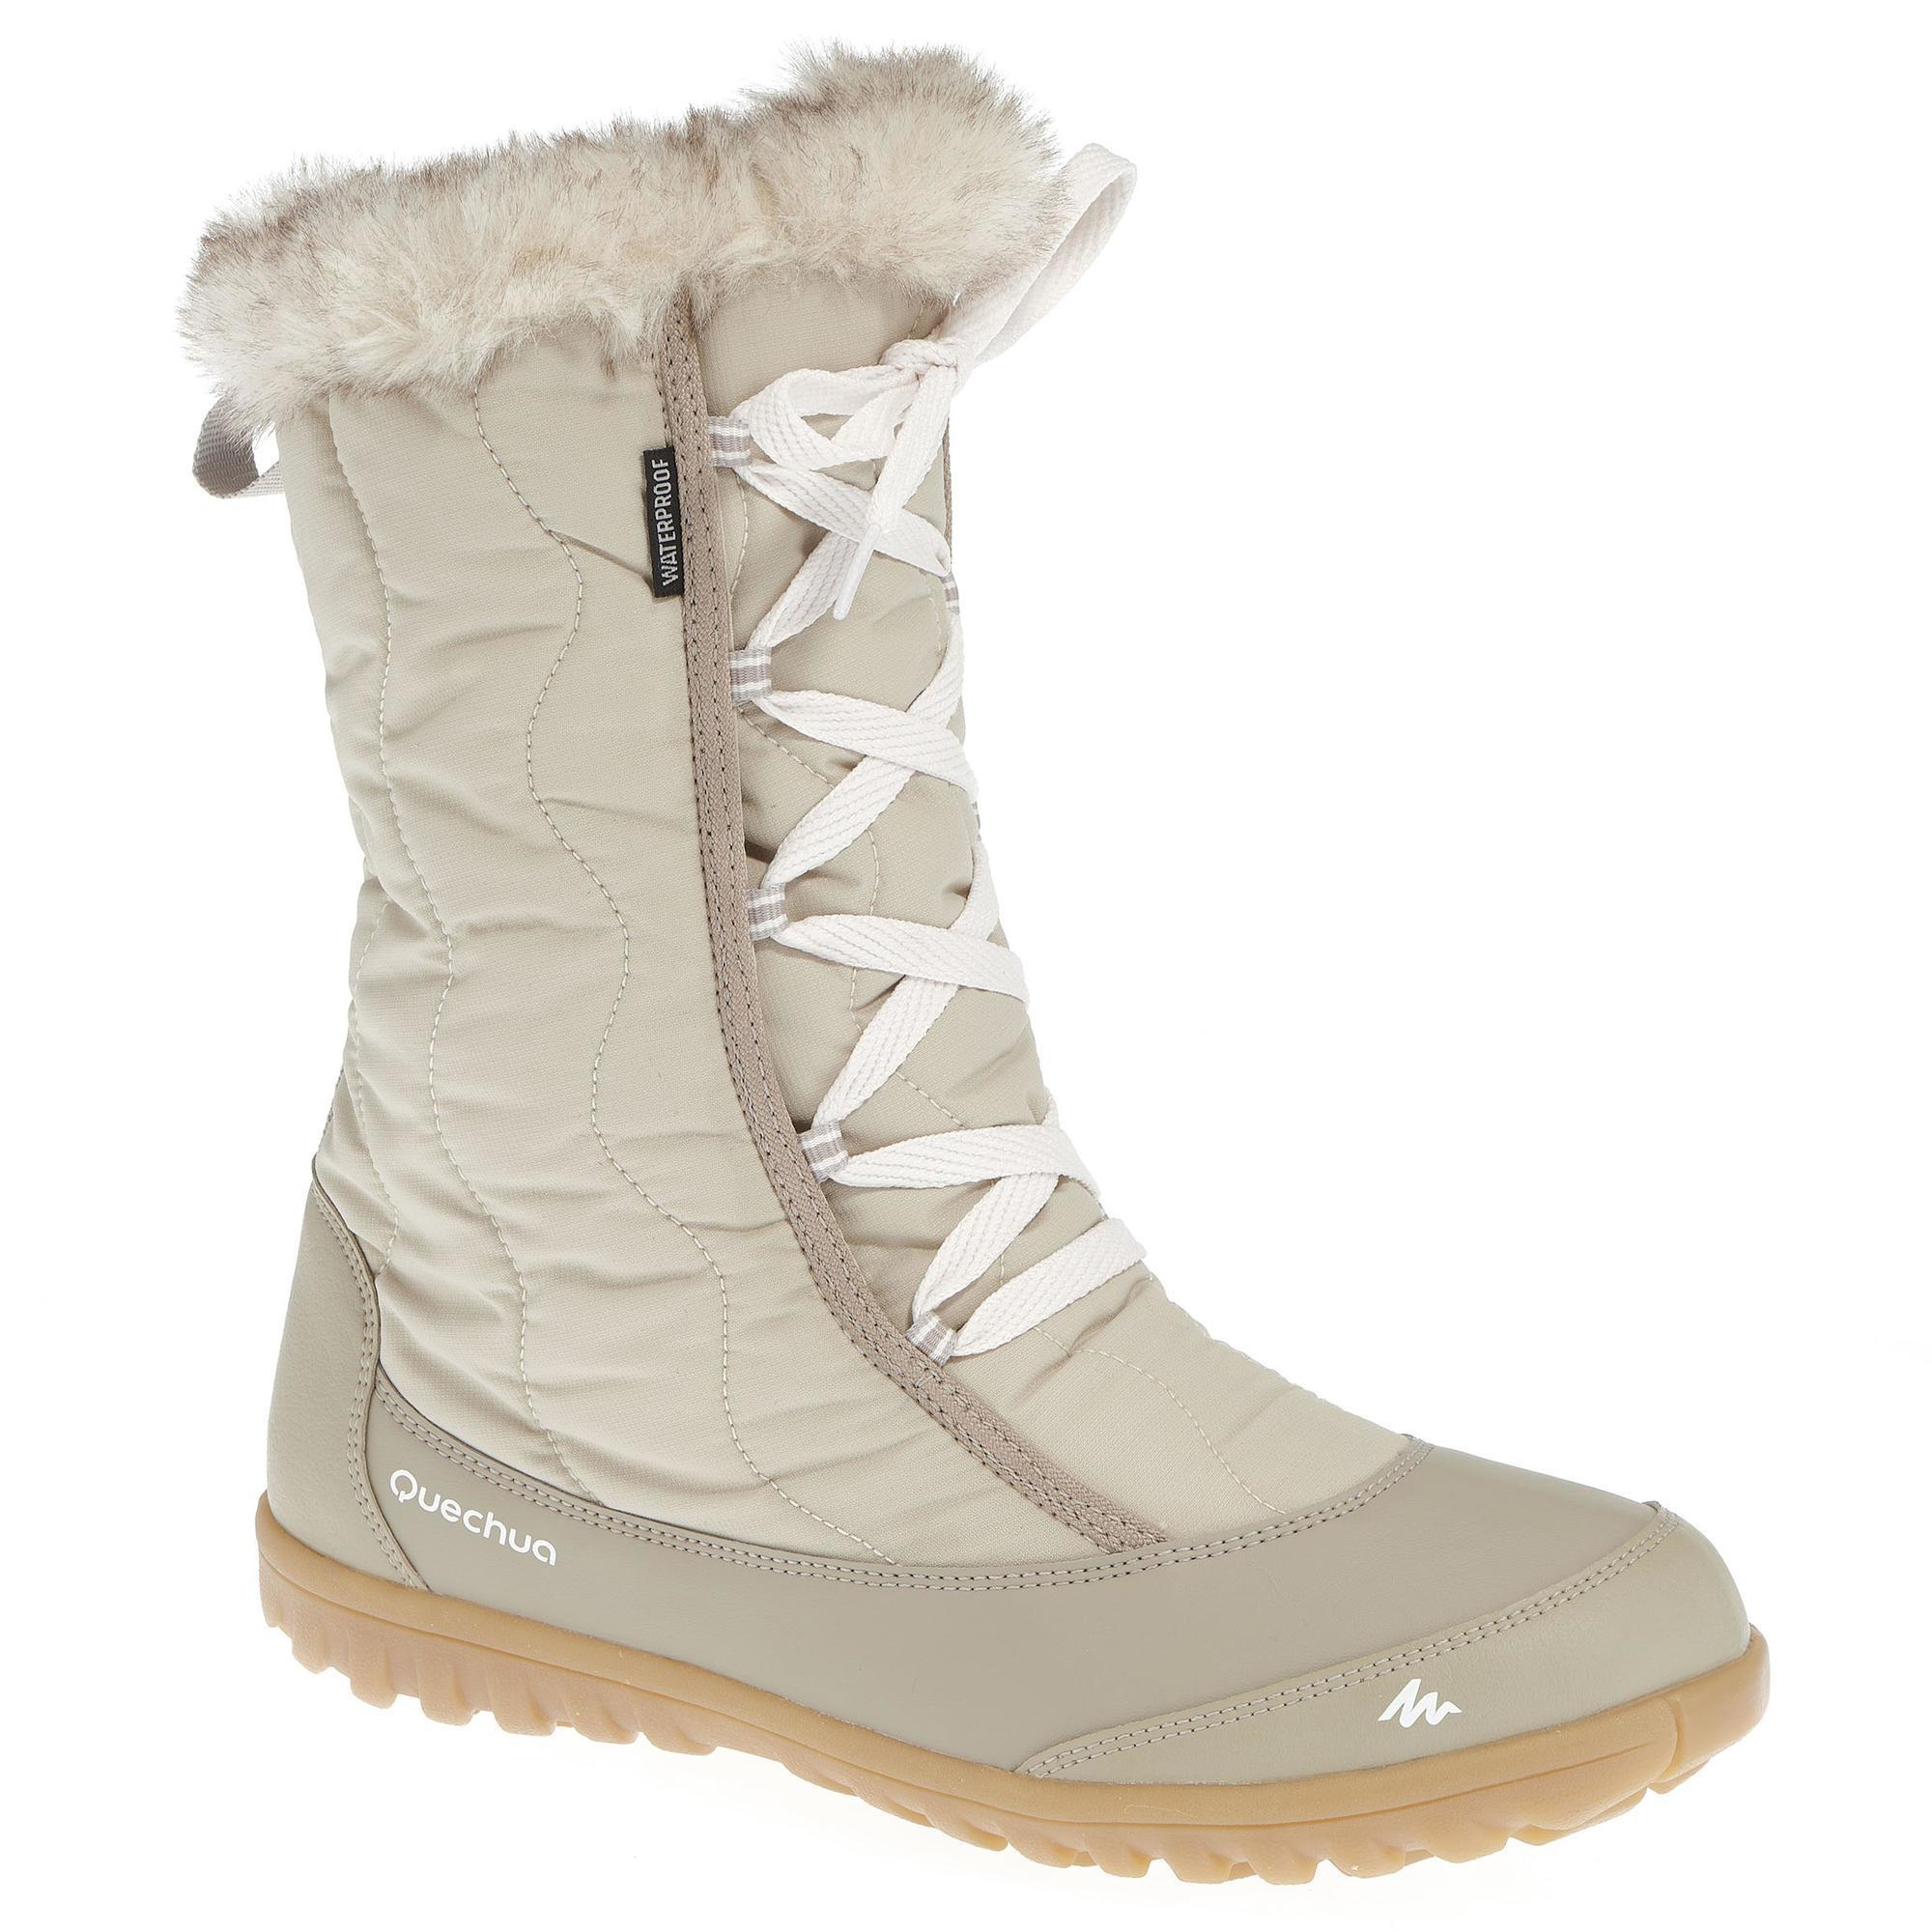 1769437 Quechua Wandellaarzen voor de sneeuw dames SH900 warm waterdicht